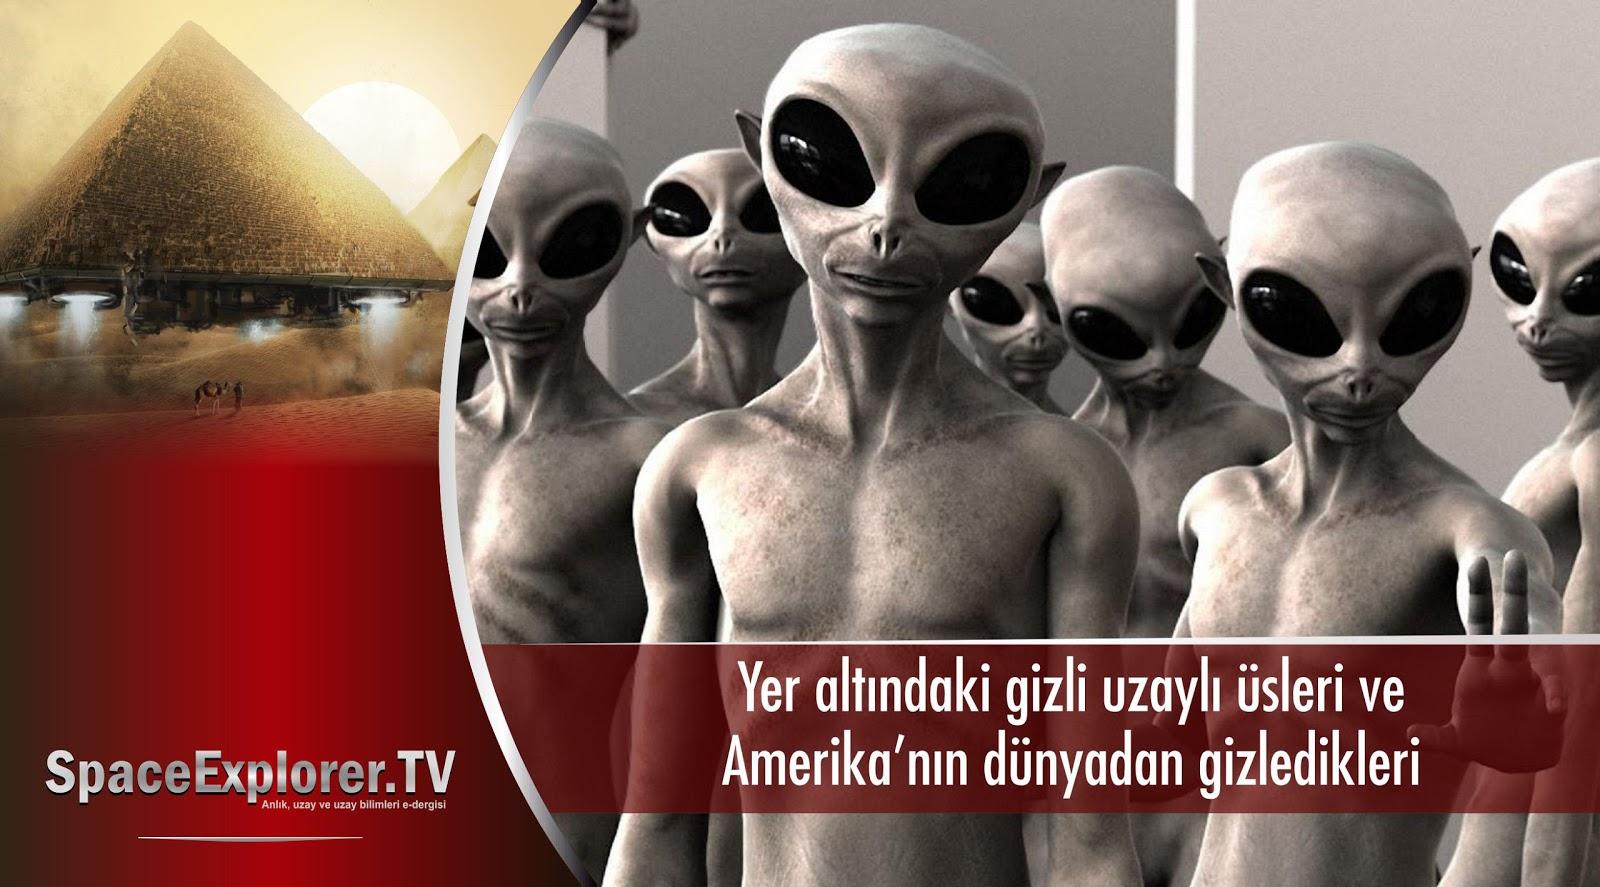 Videolar, Gizli uzaylı üsleri, Gizli yer altı üsleri, Uzaylılar, ABD, Phil Schneider, Belgeseller, Man in Black,